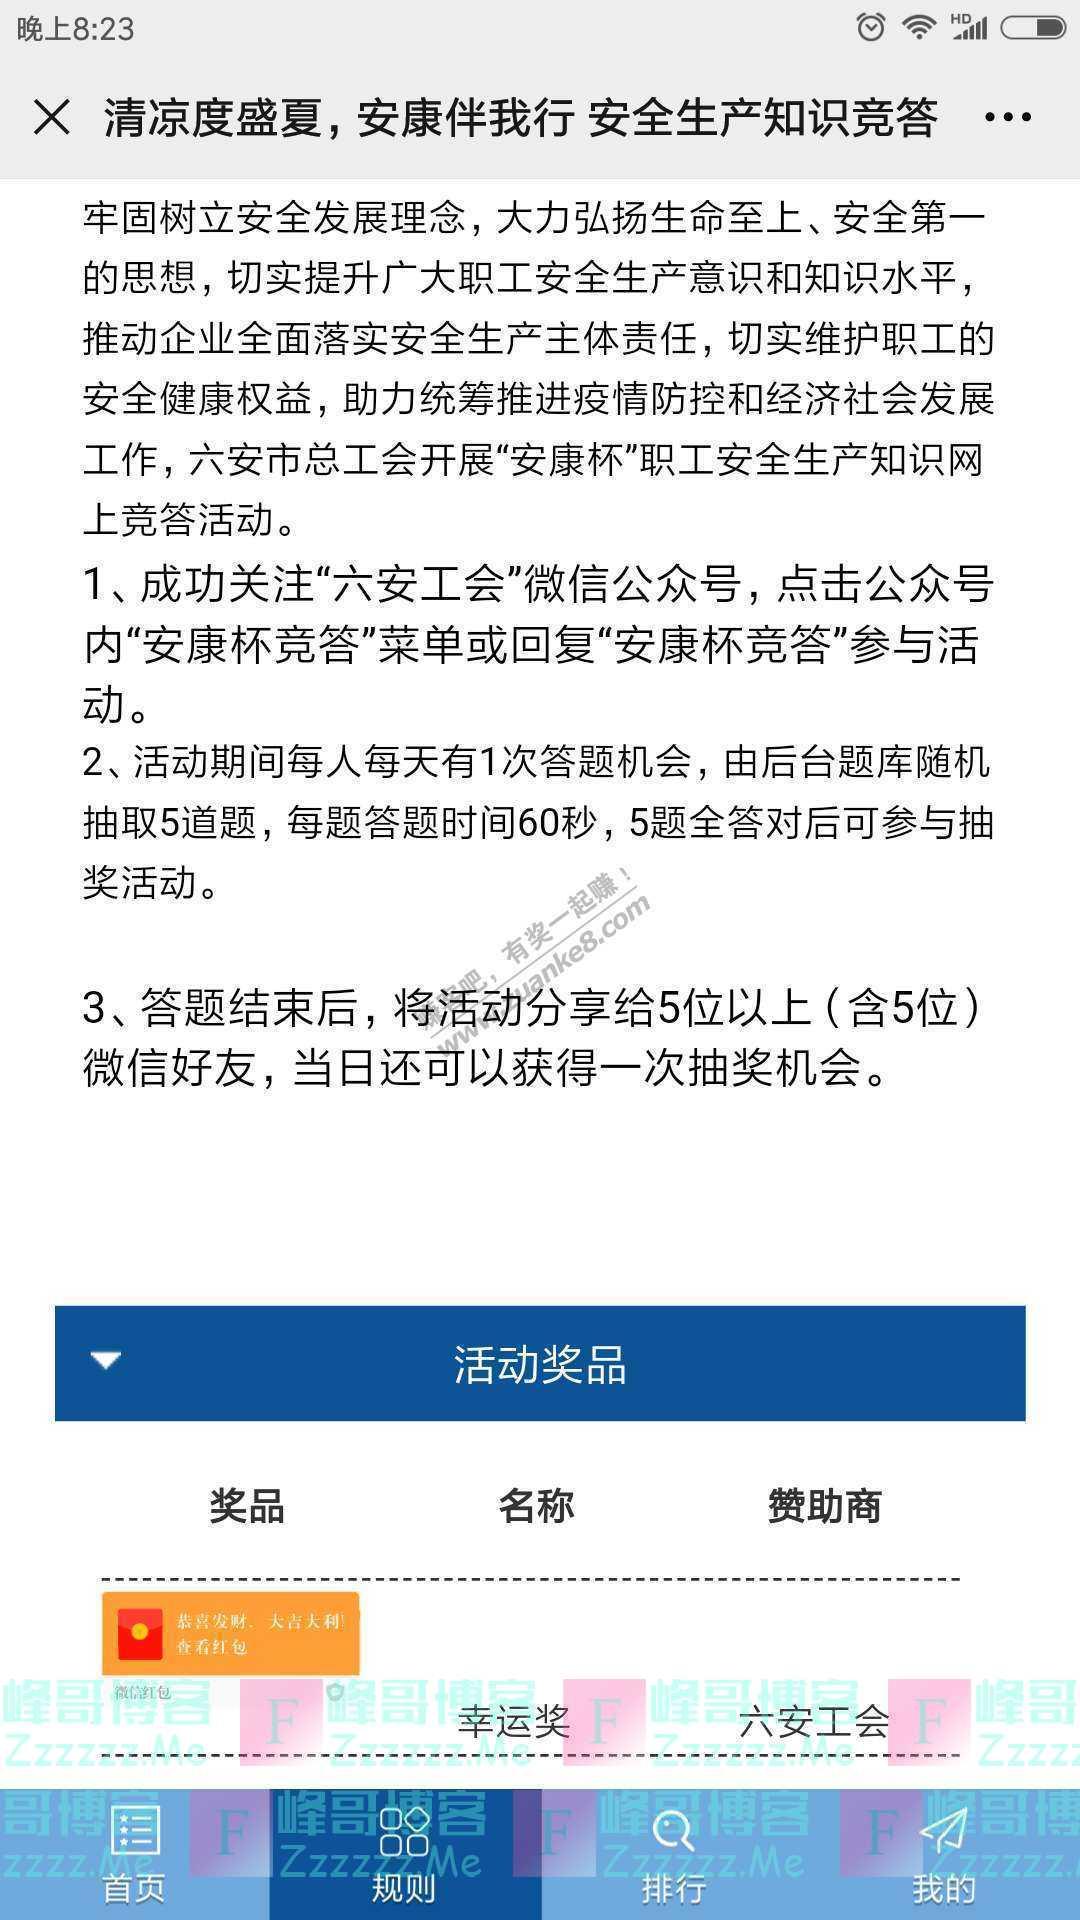 六安工会有奖竞答准时开赛(截止8月7日)